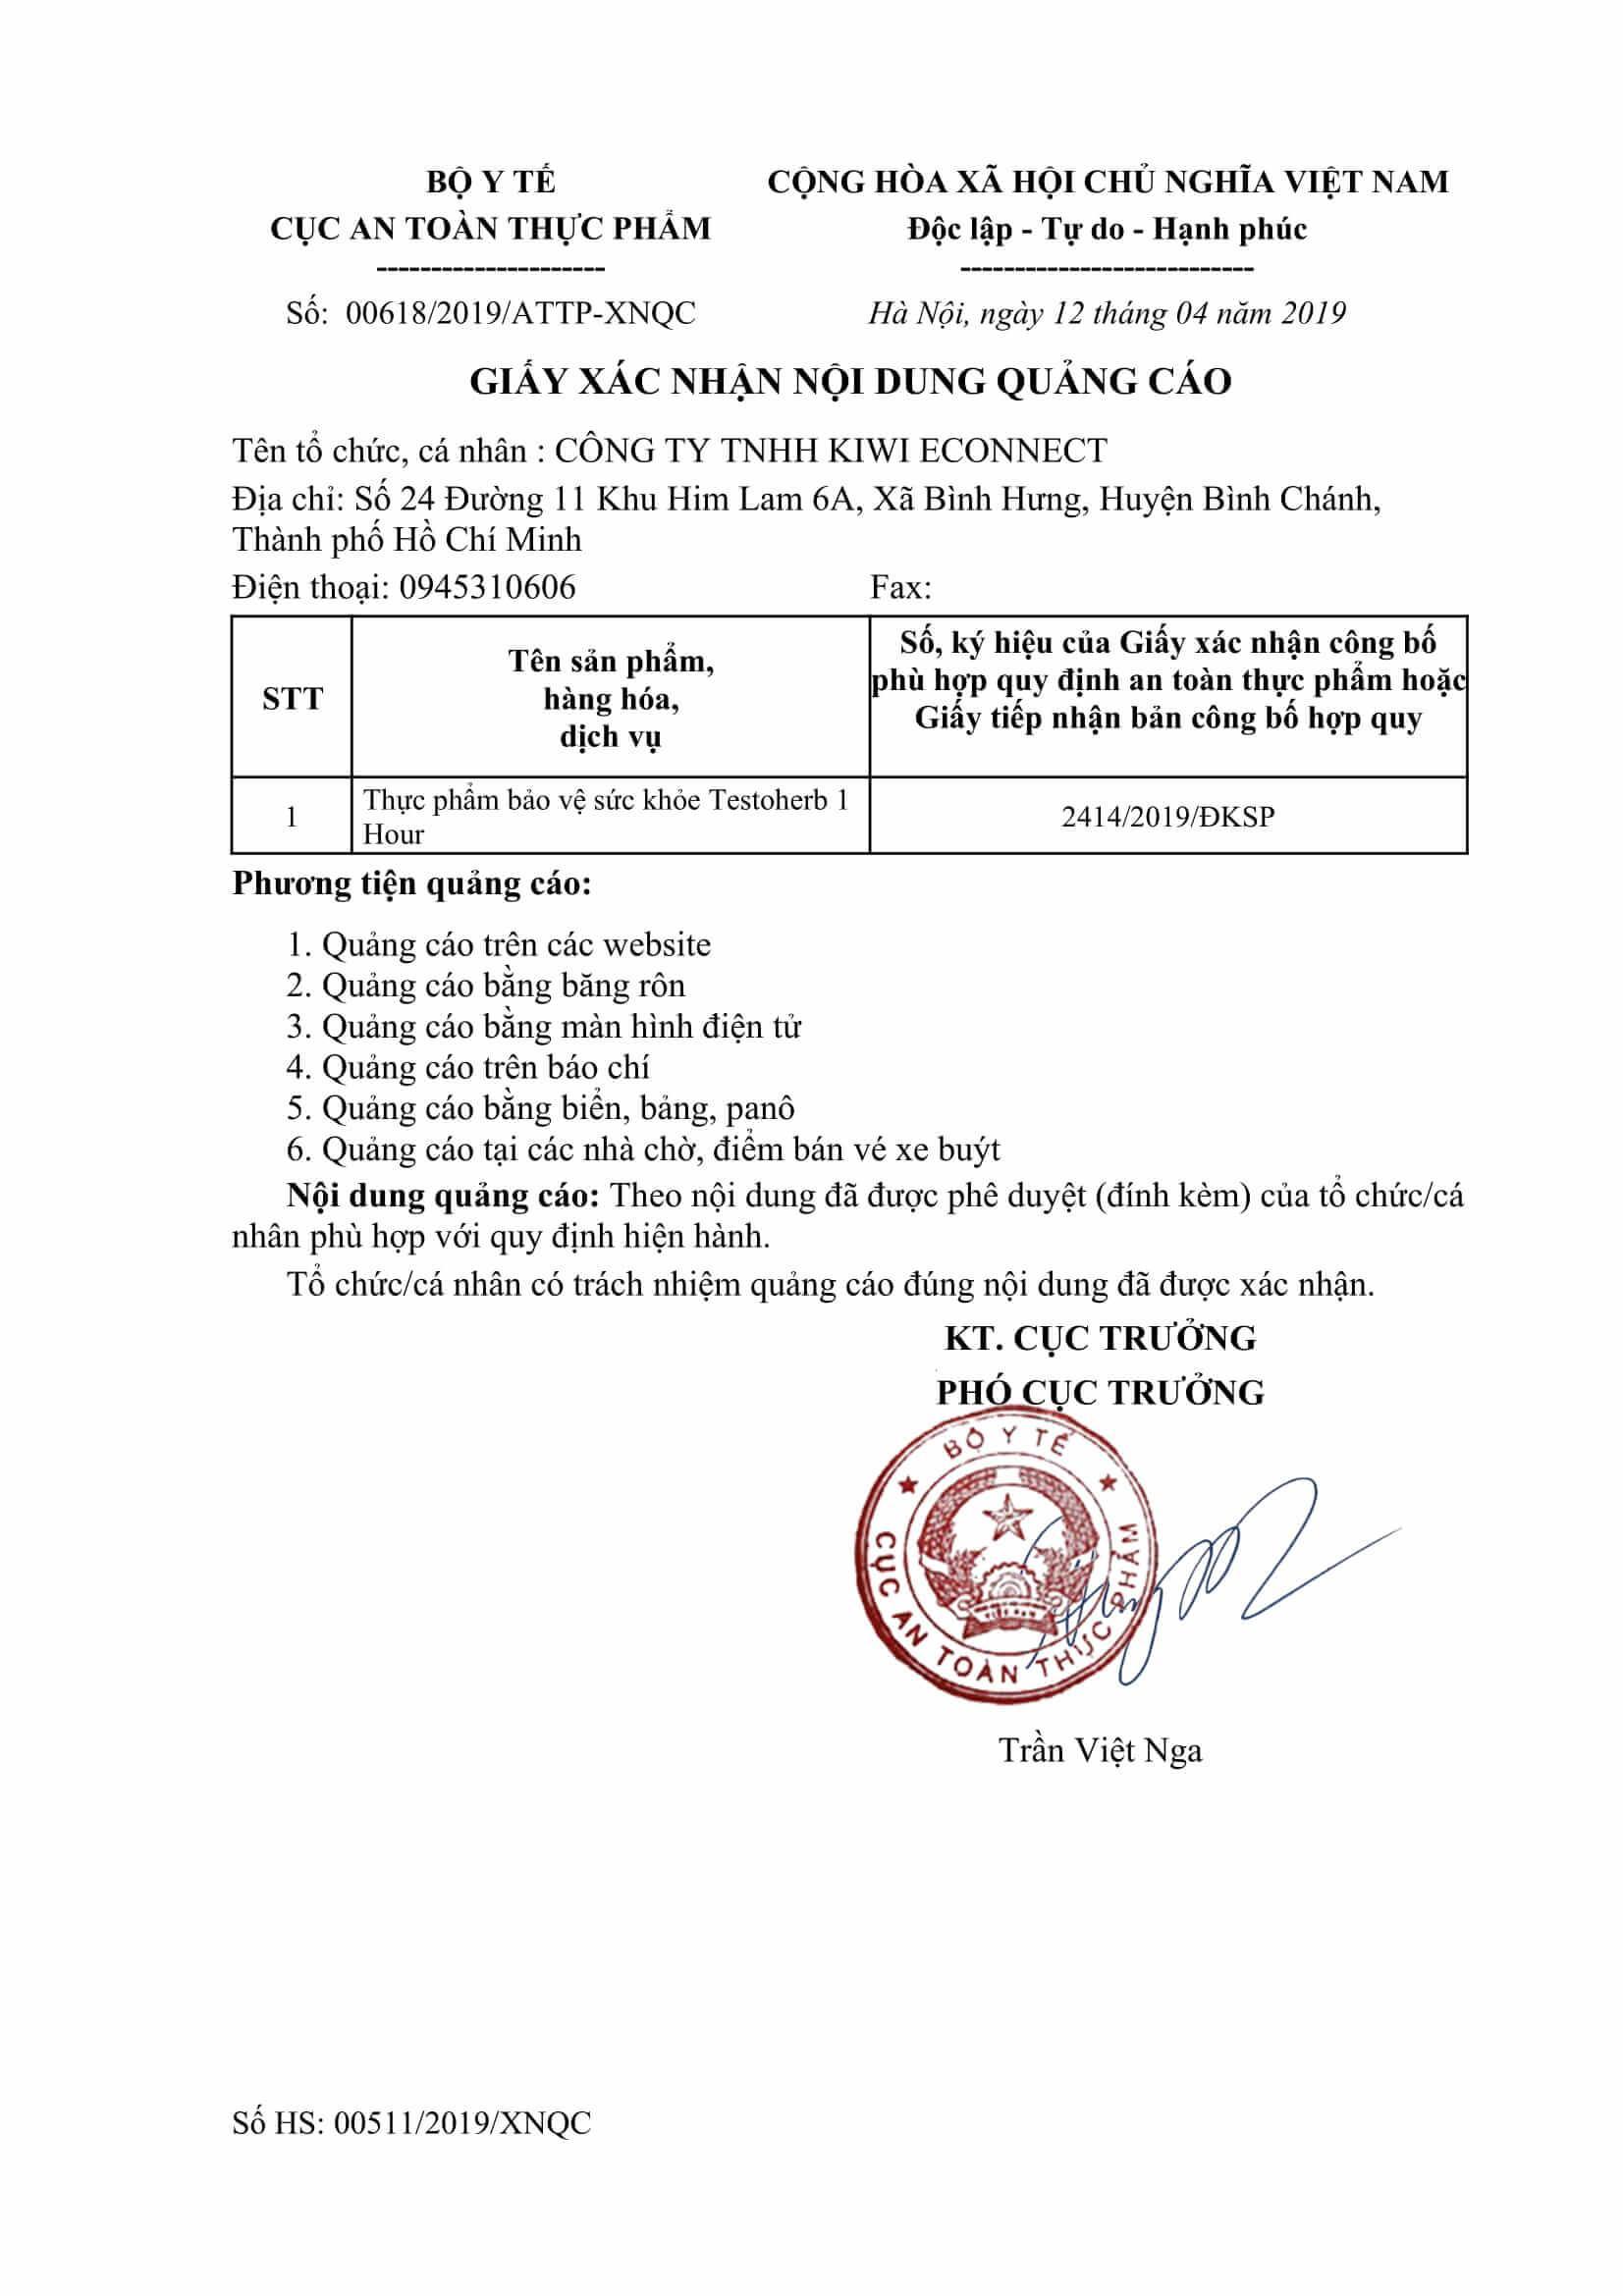 nhan-biet-testoherb-1-hour-co-tot-khong-gia-bao-nhieu-mua-o-dau-3